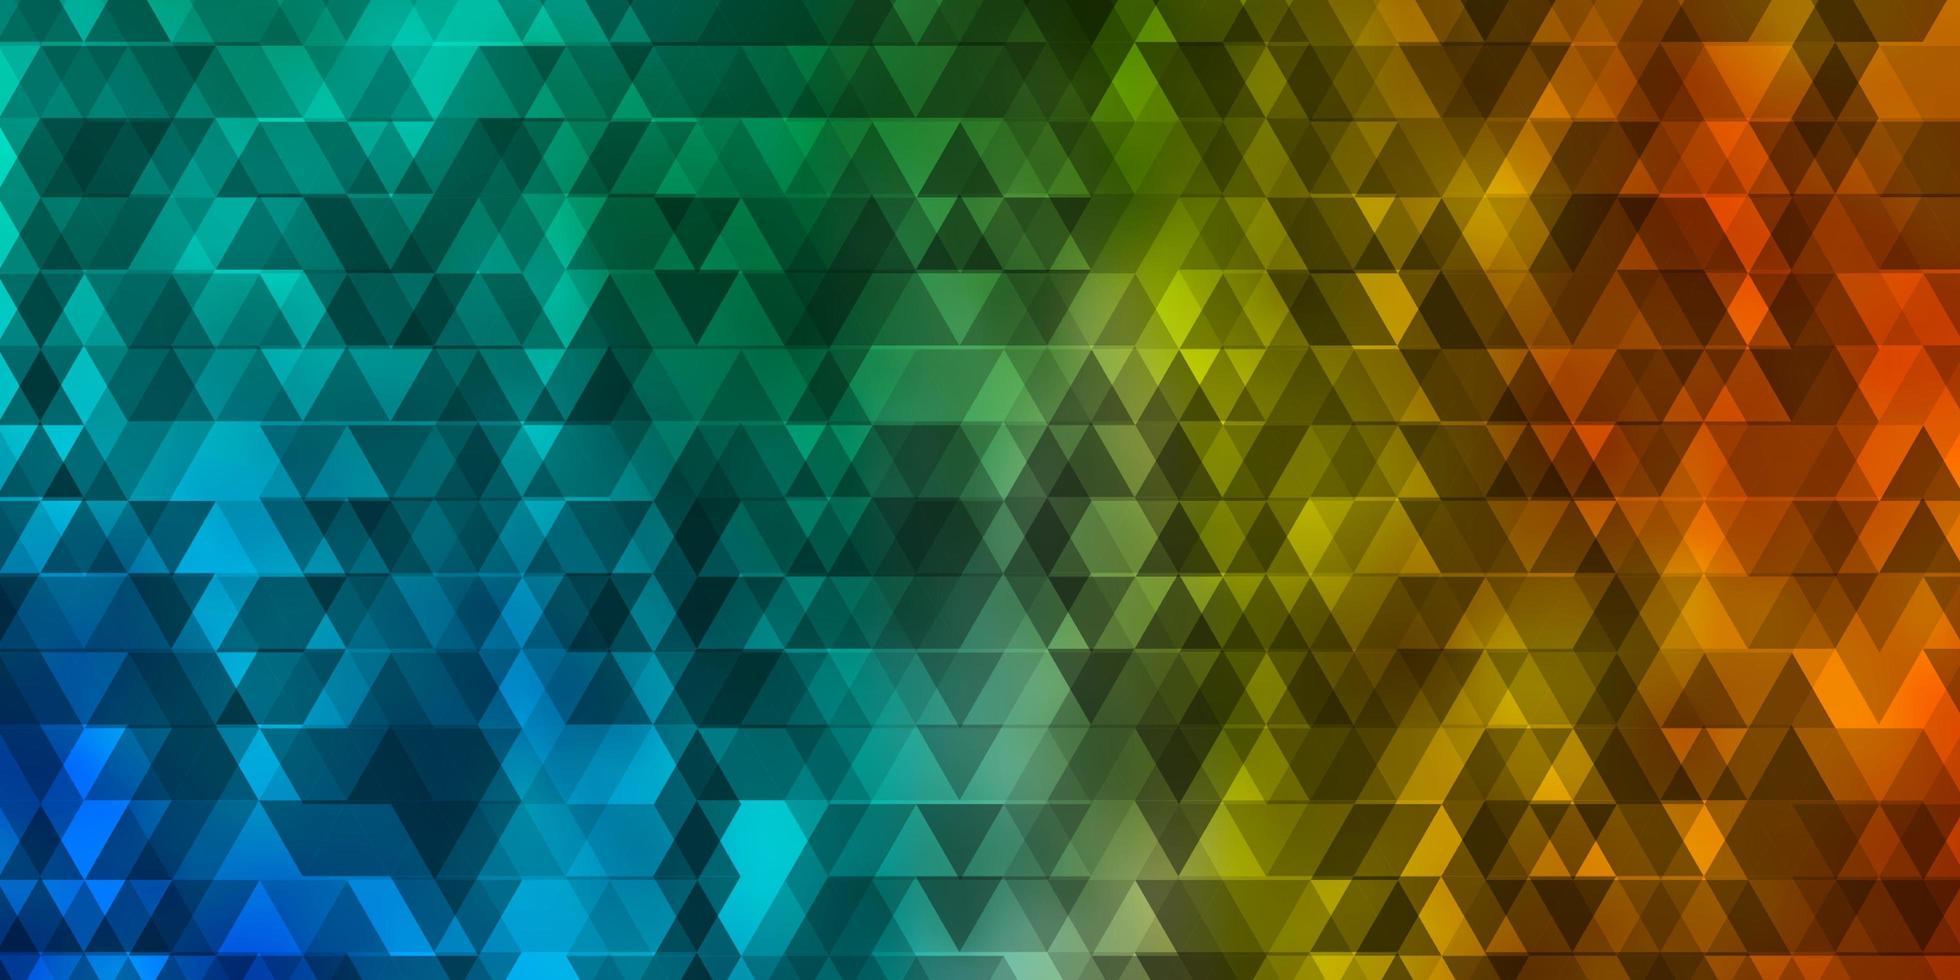 luz padrão de vetor azul e amarelo com linhas, triângulos.